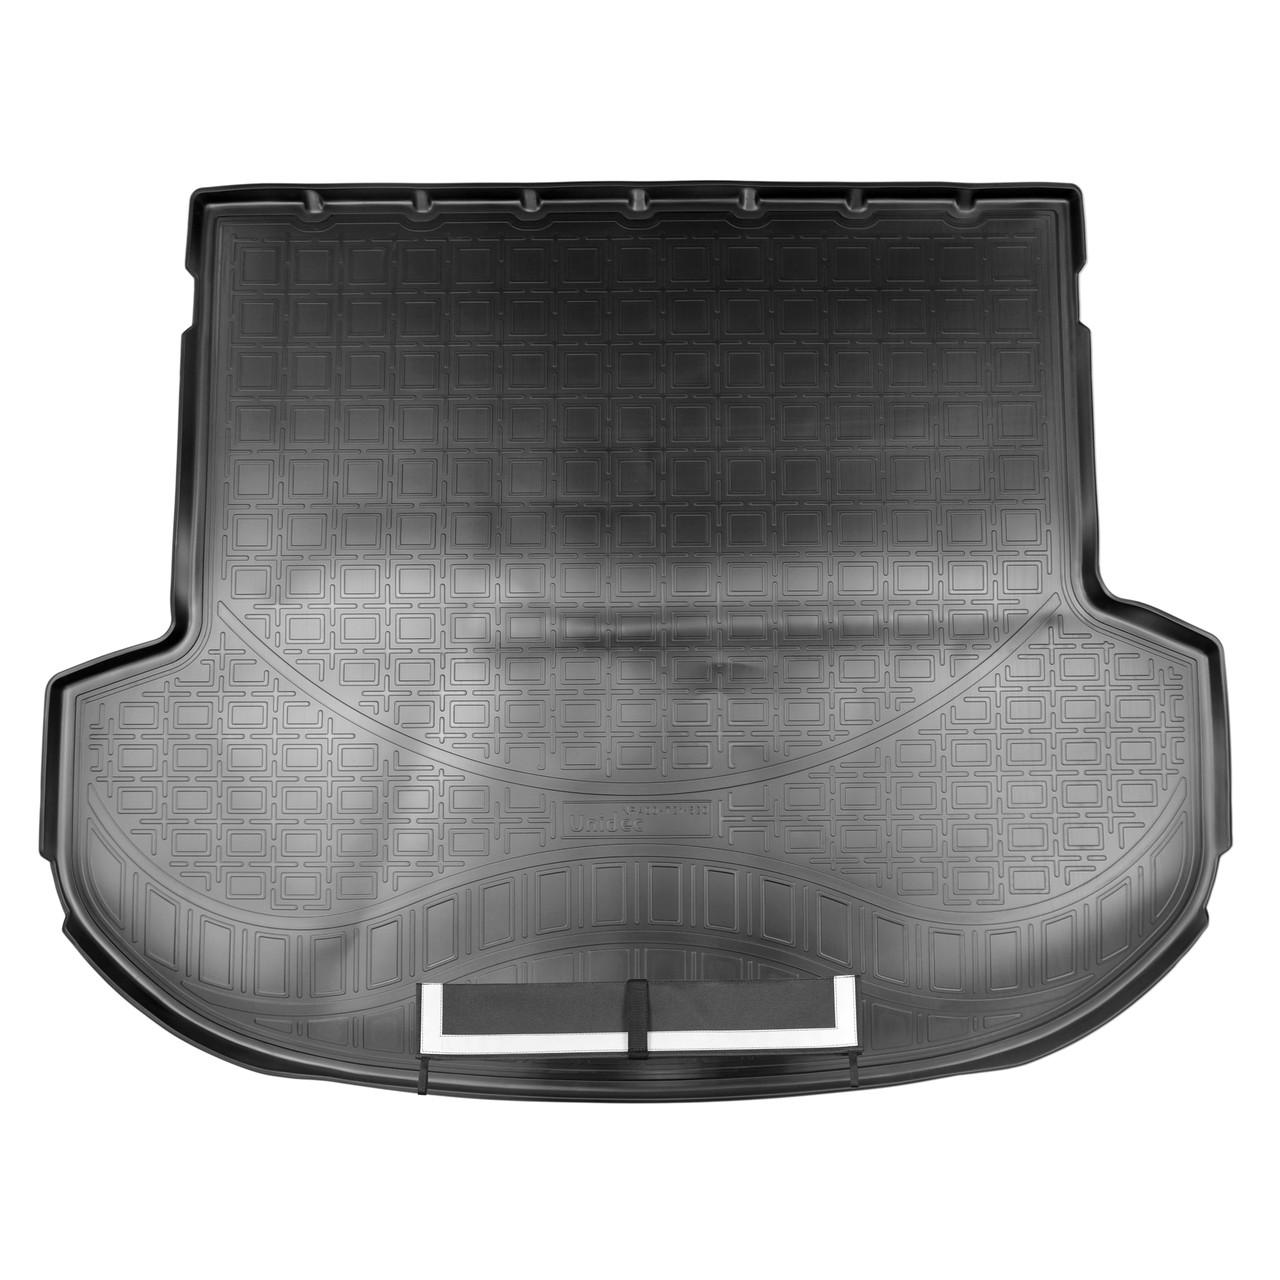 Коврик в багажник Hyundai Santa Fe (2018-2021) 5 мест